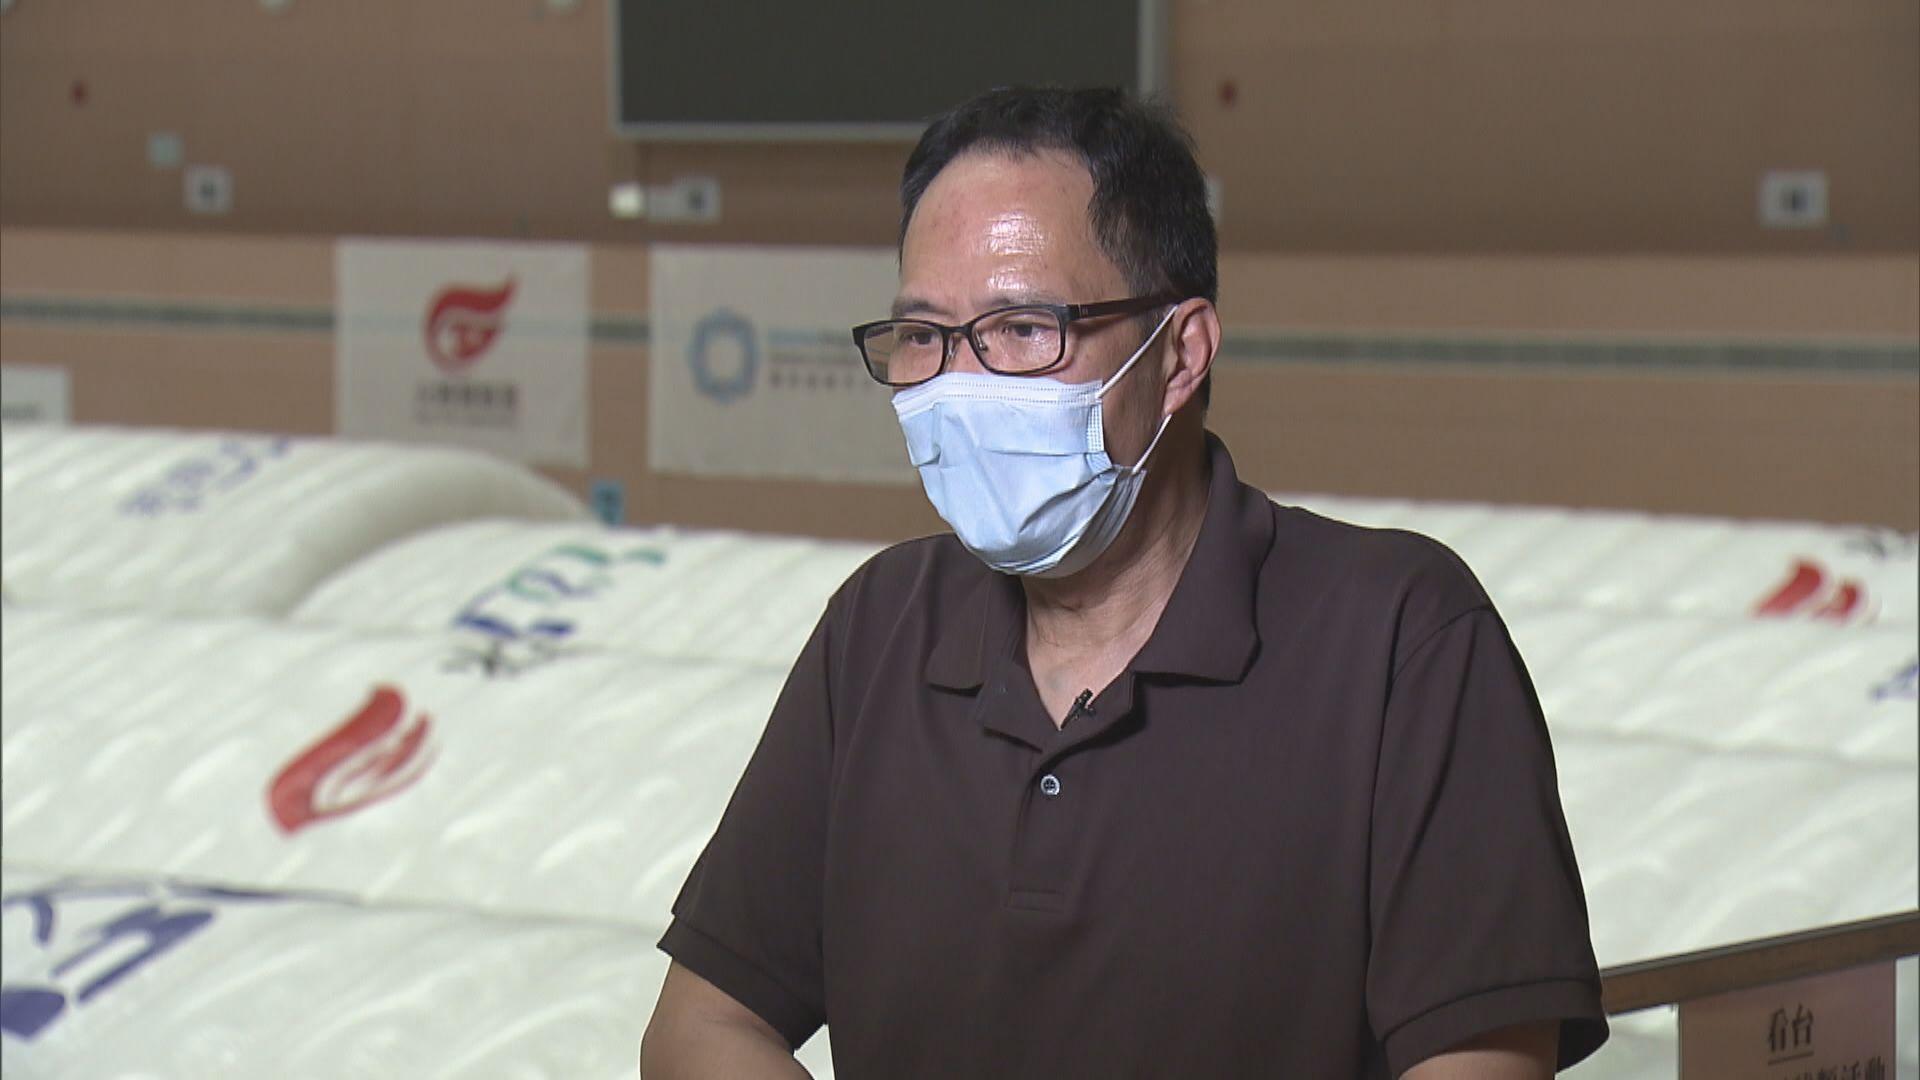 華昇診斷中心:政府會提供足夠裝備予採樣醫護適時更換